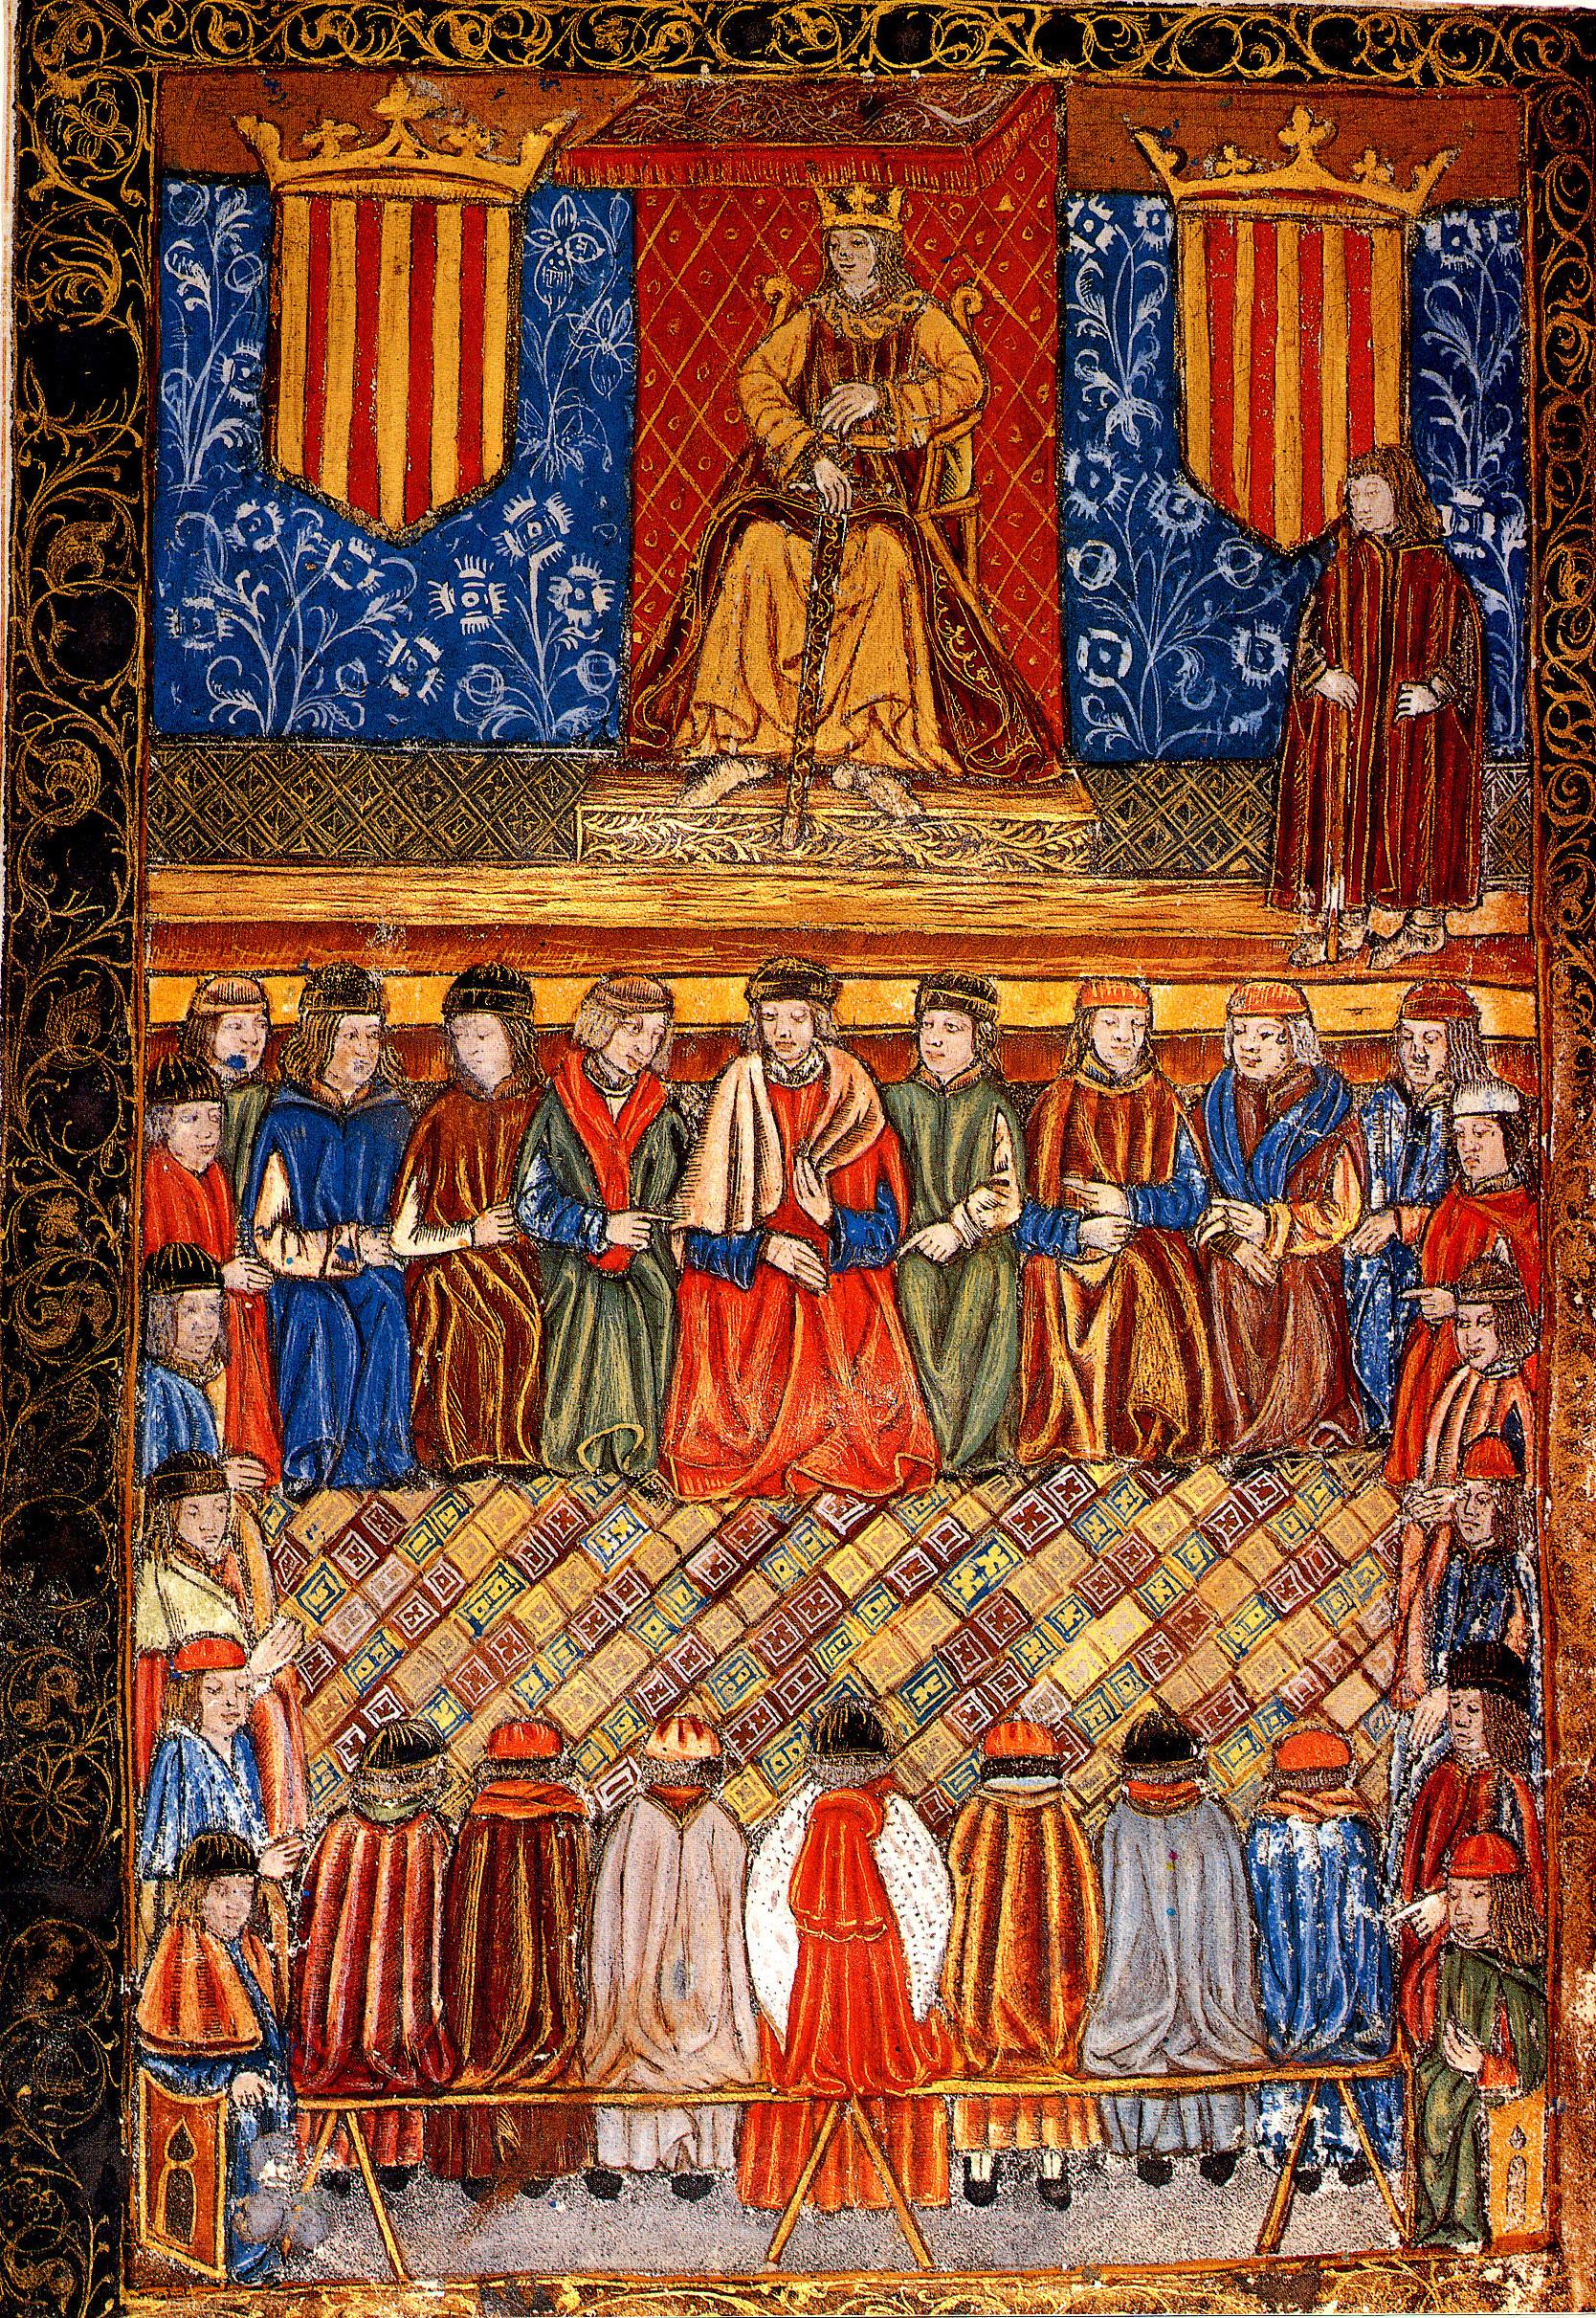 Les Corts de Jaume I